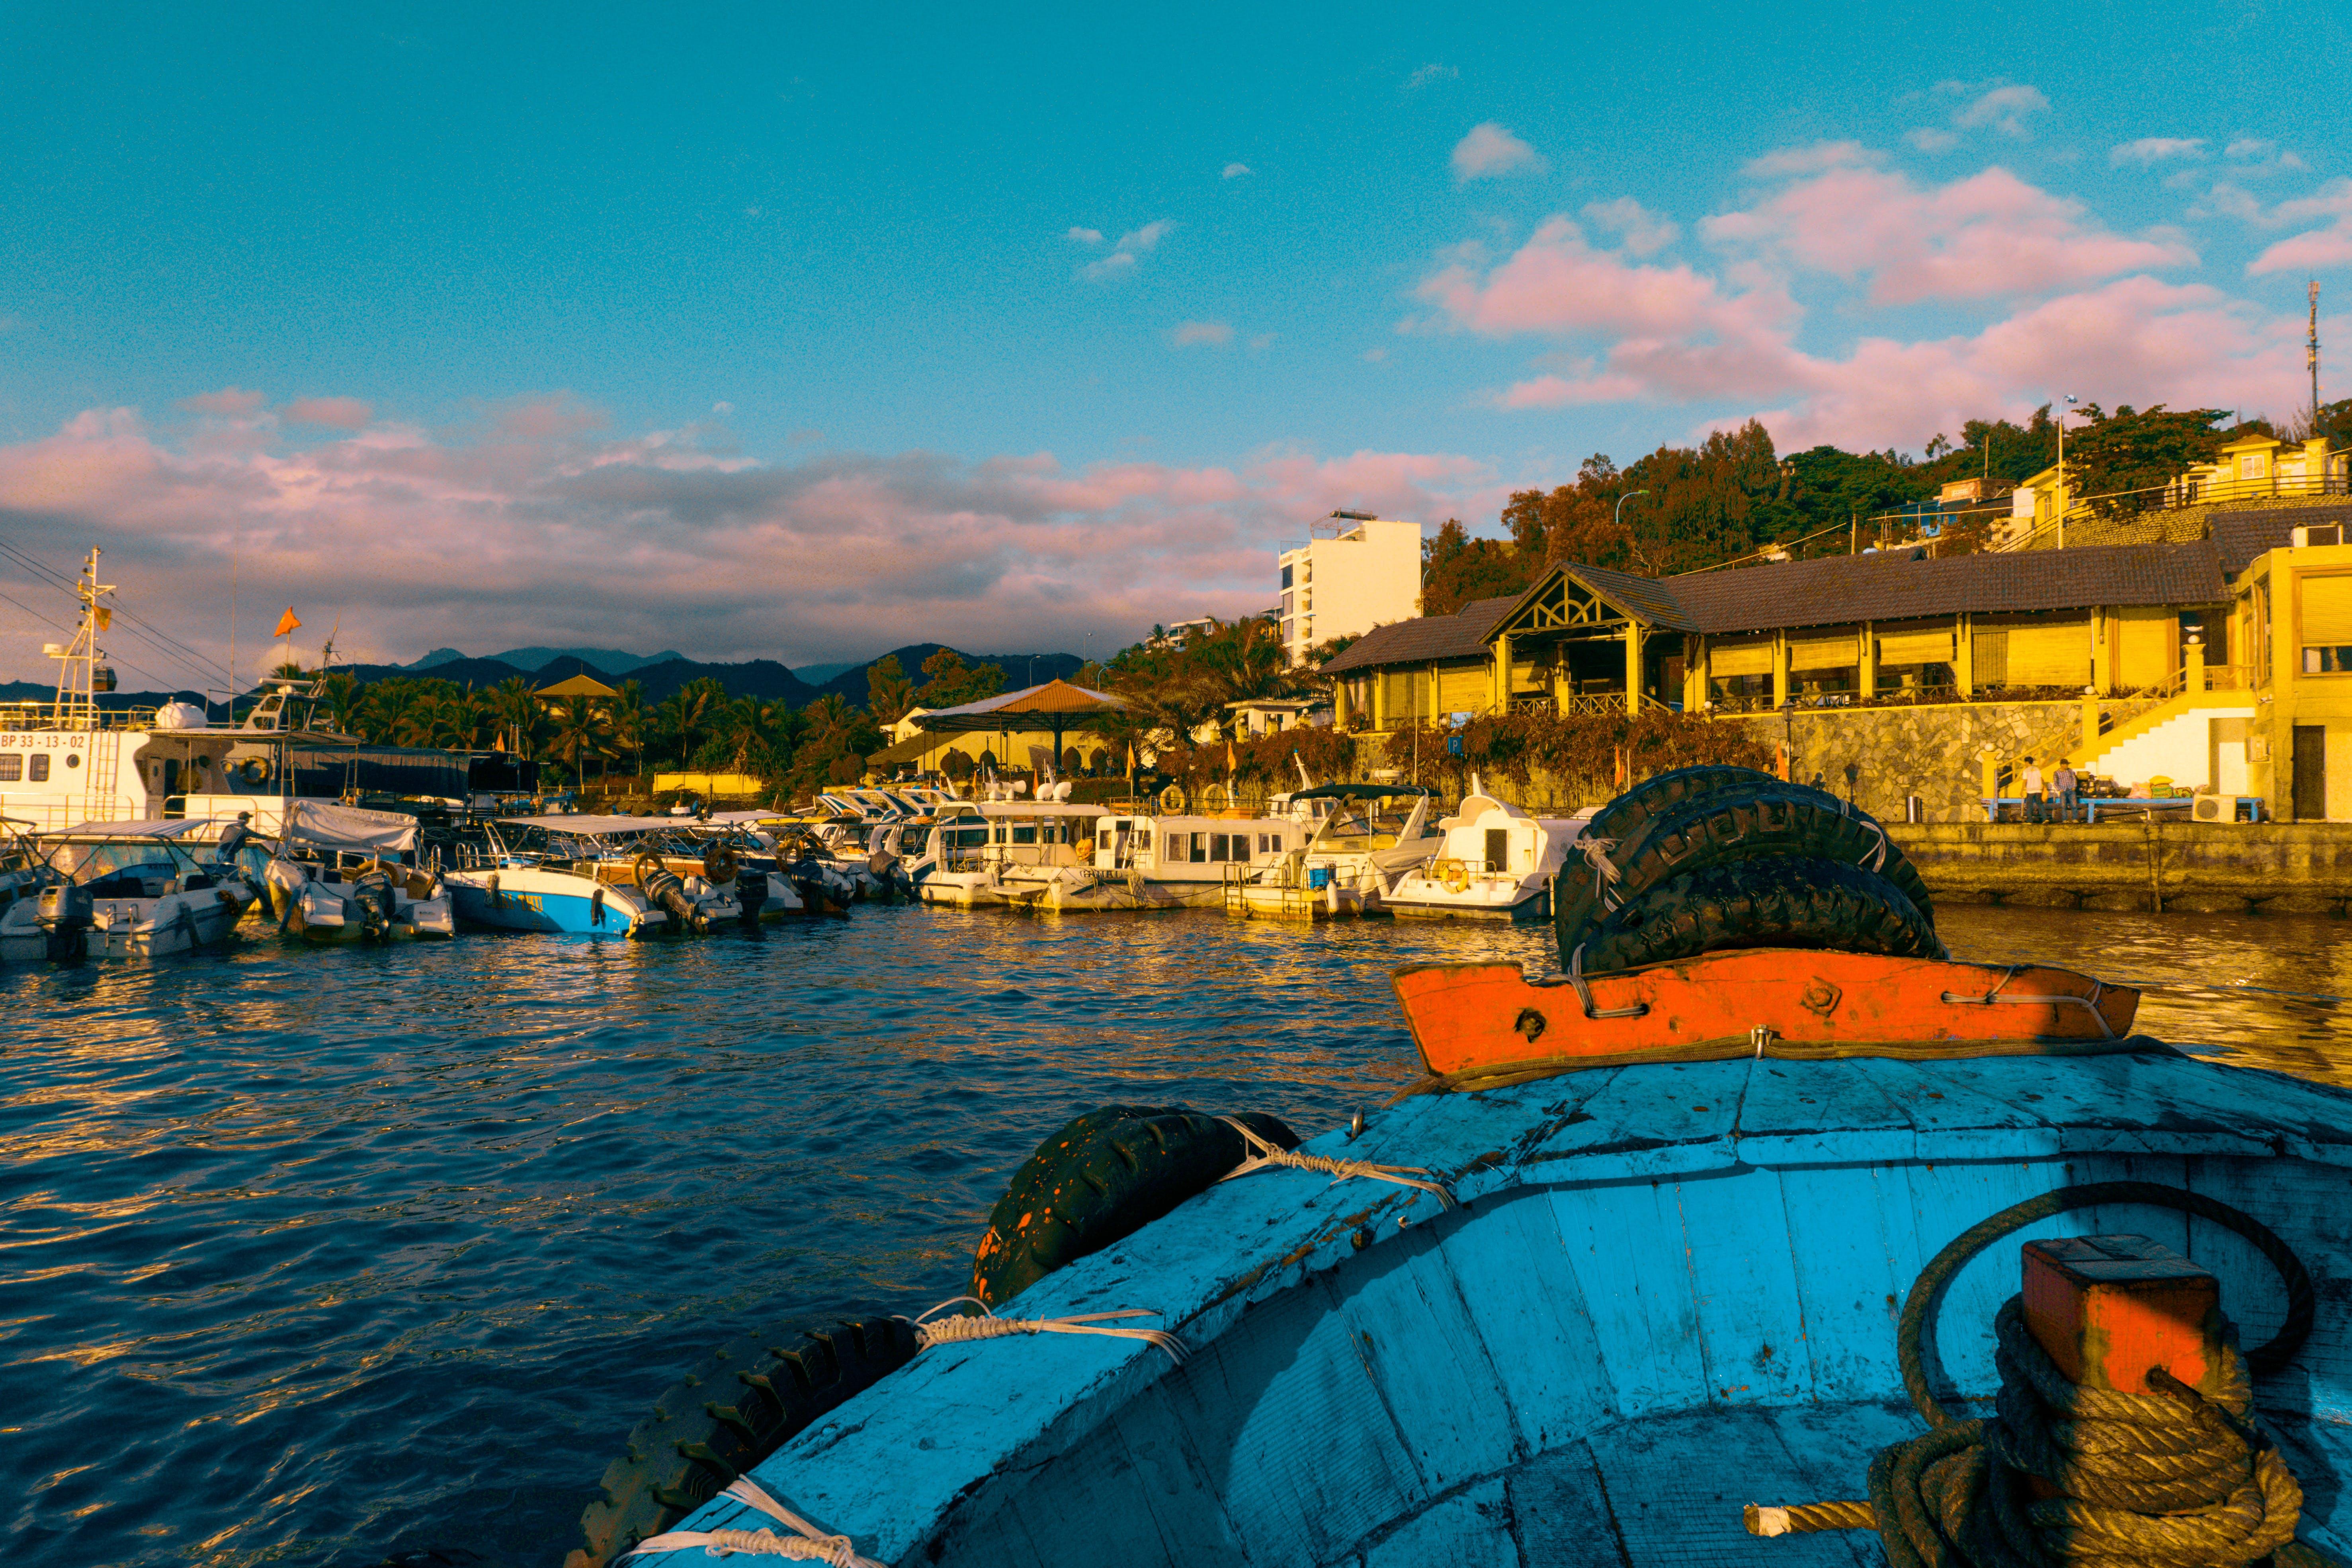 Blue Canoe Near Dock